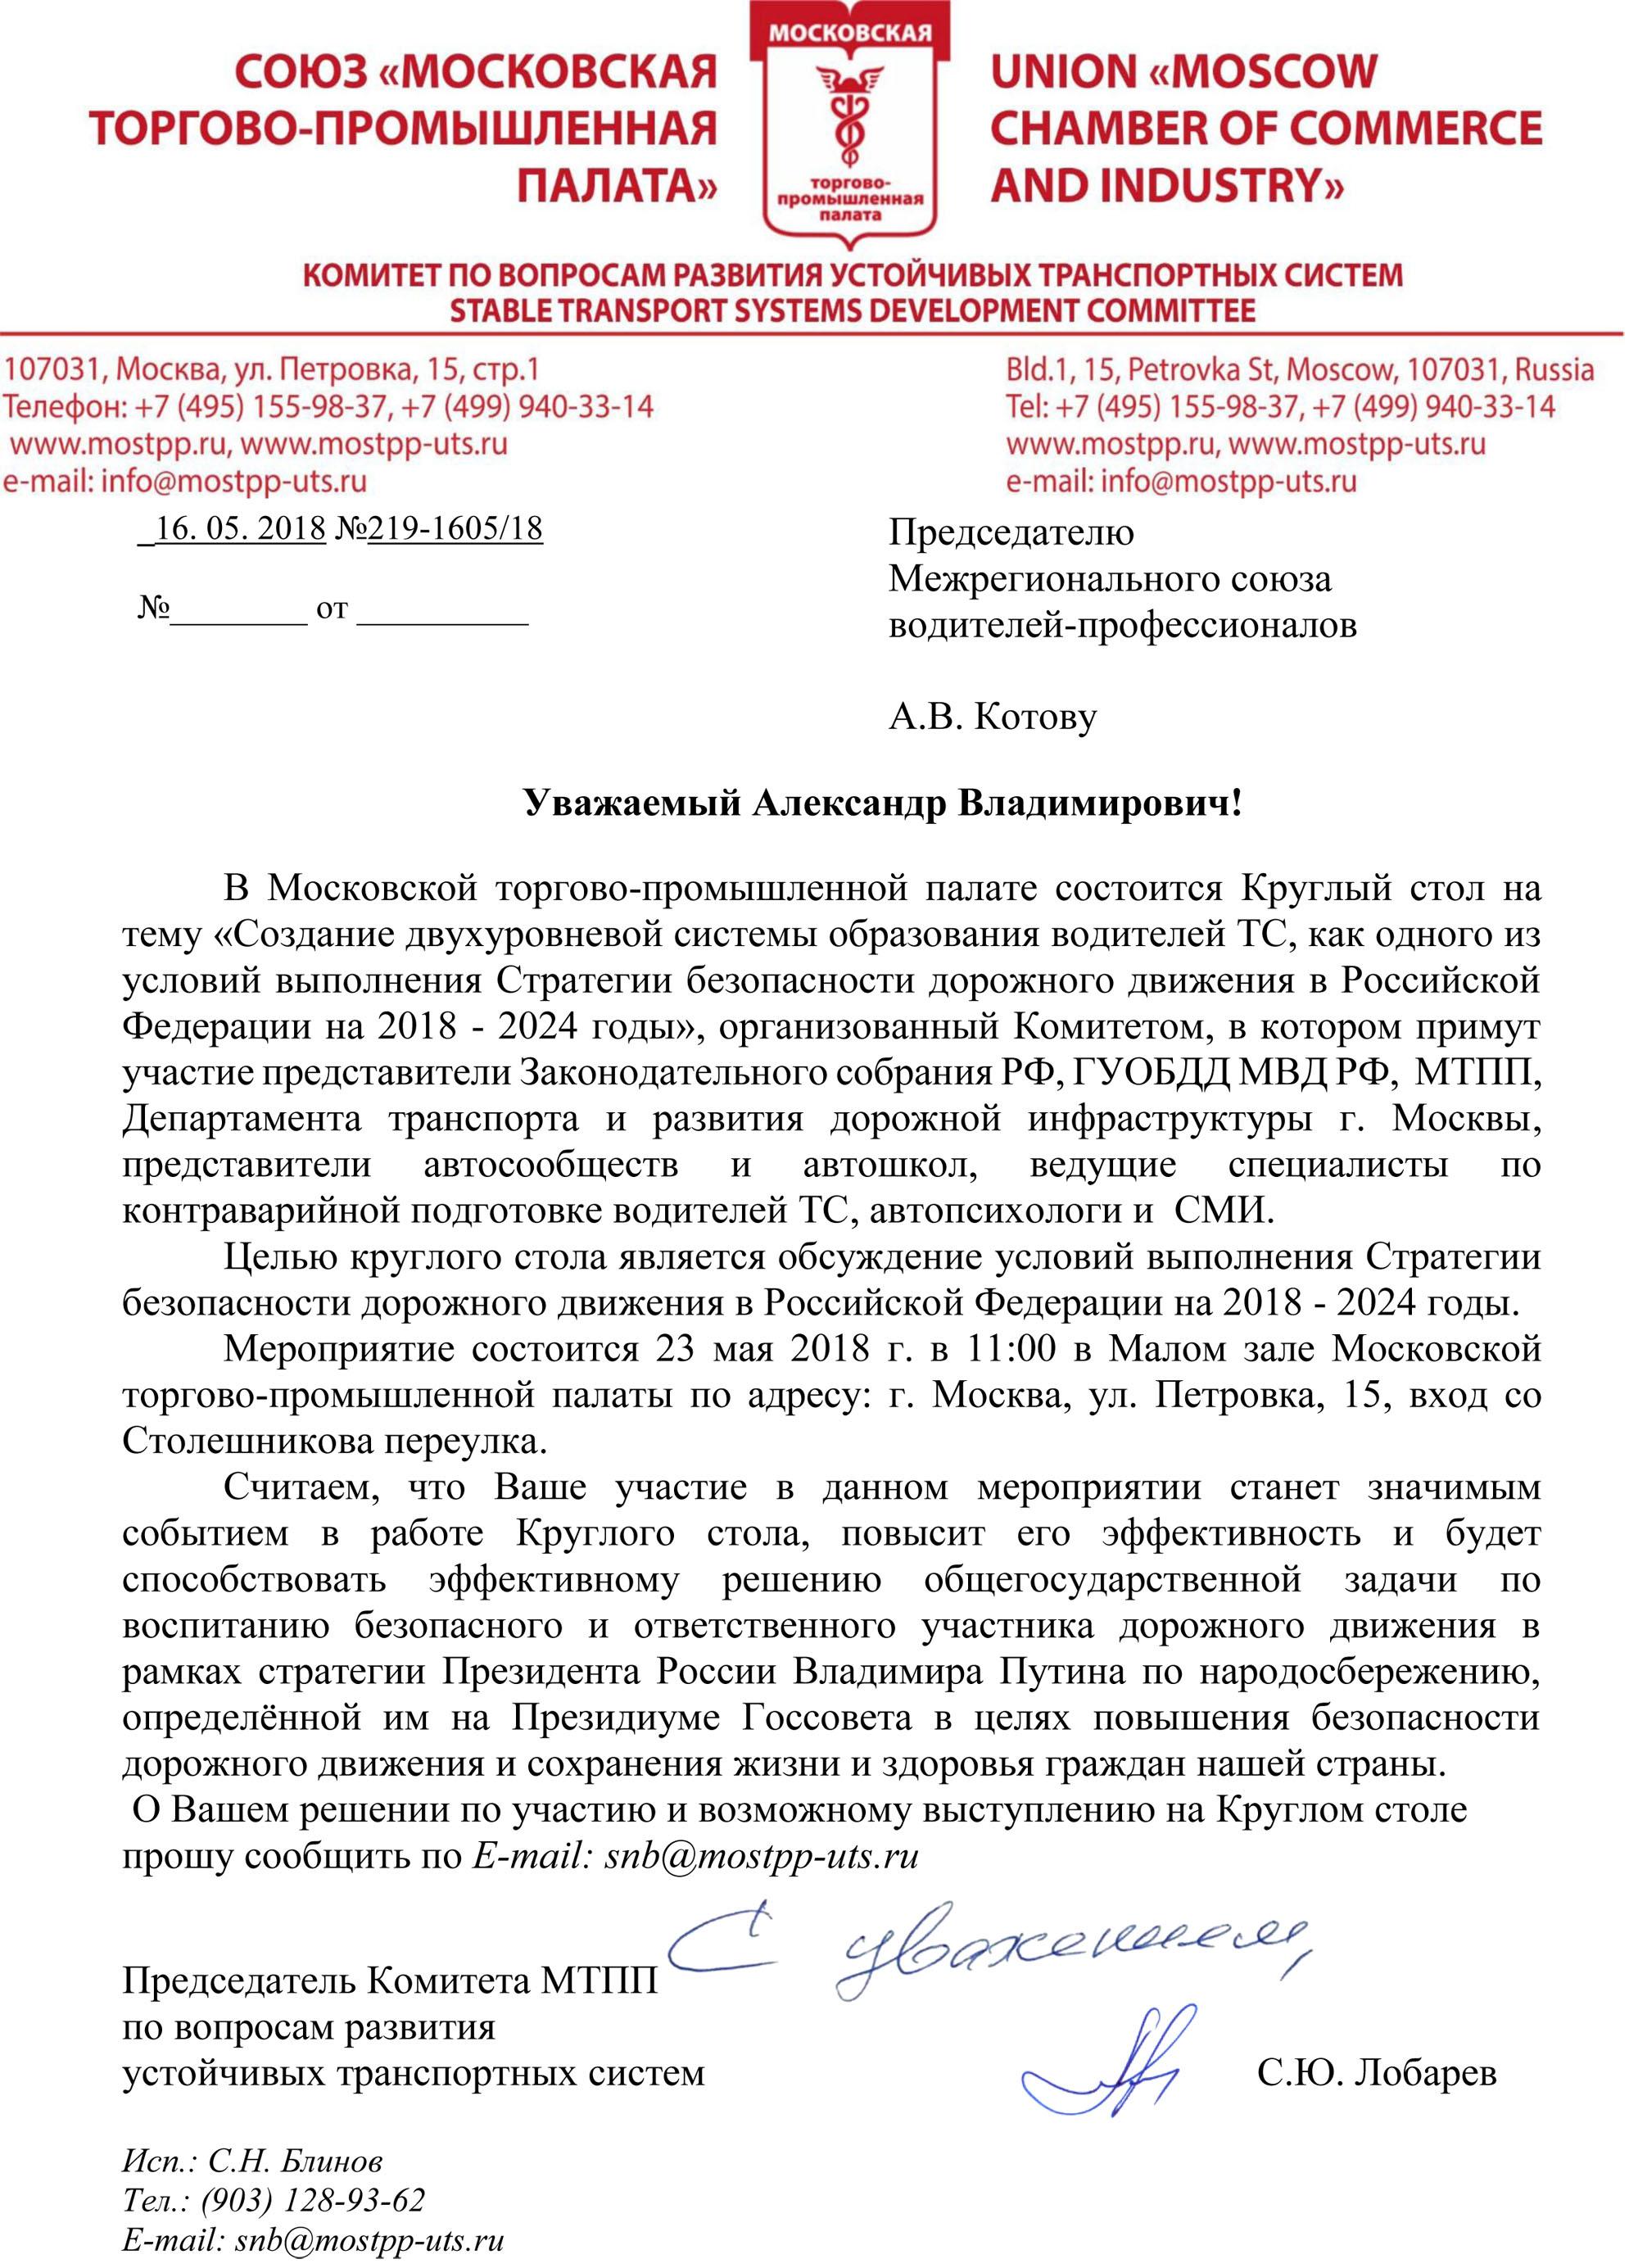 180523 МТПП - Котову А.В..jpg